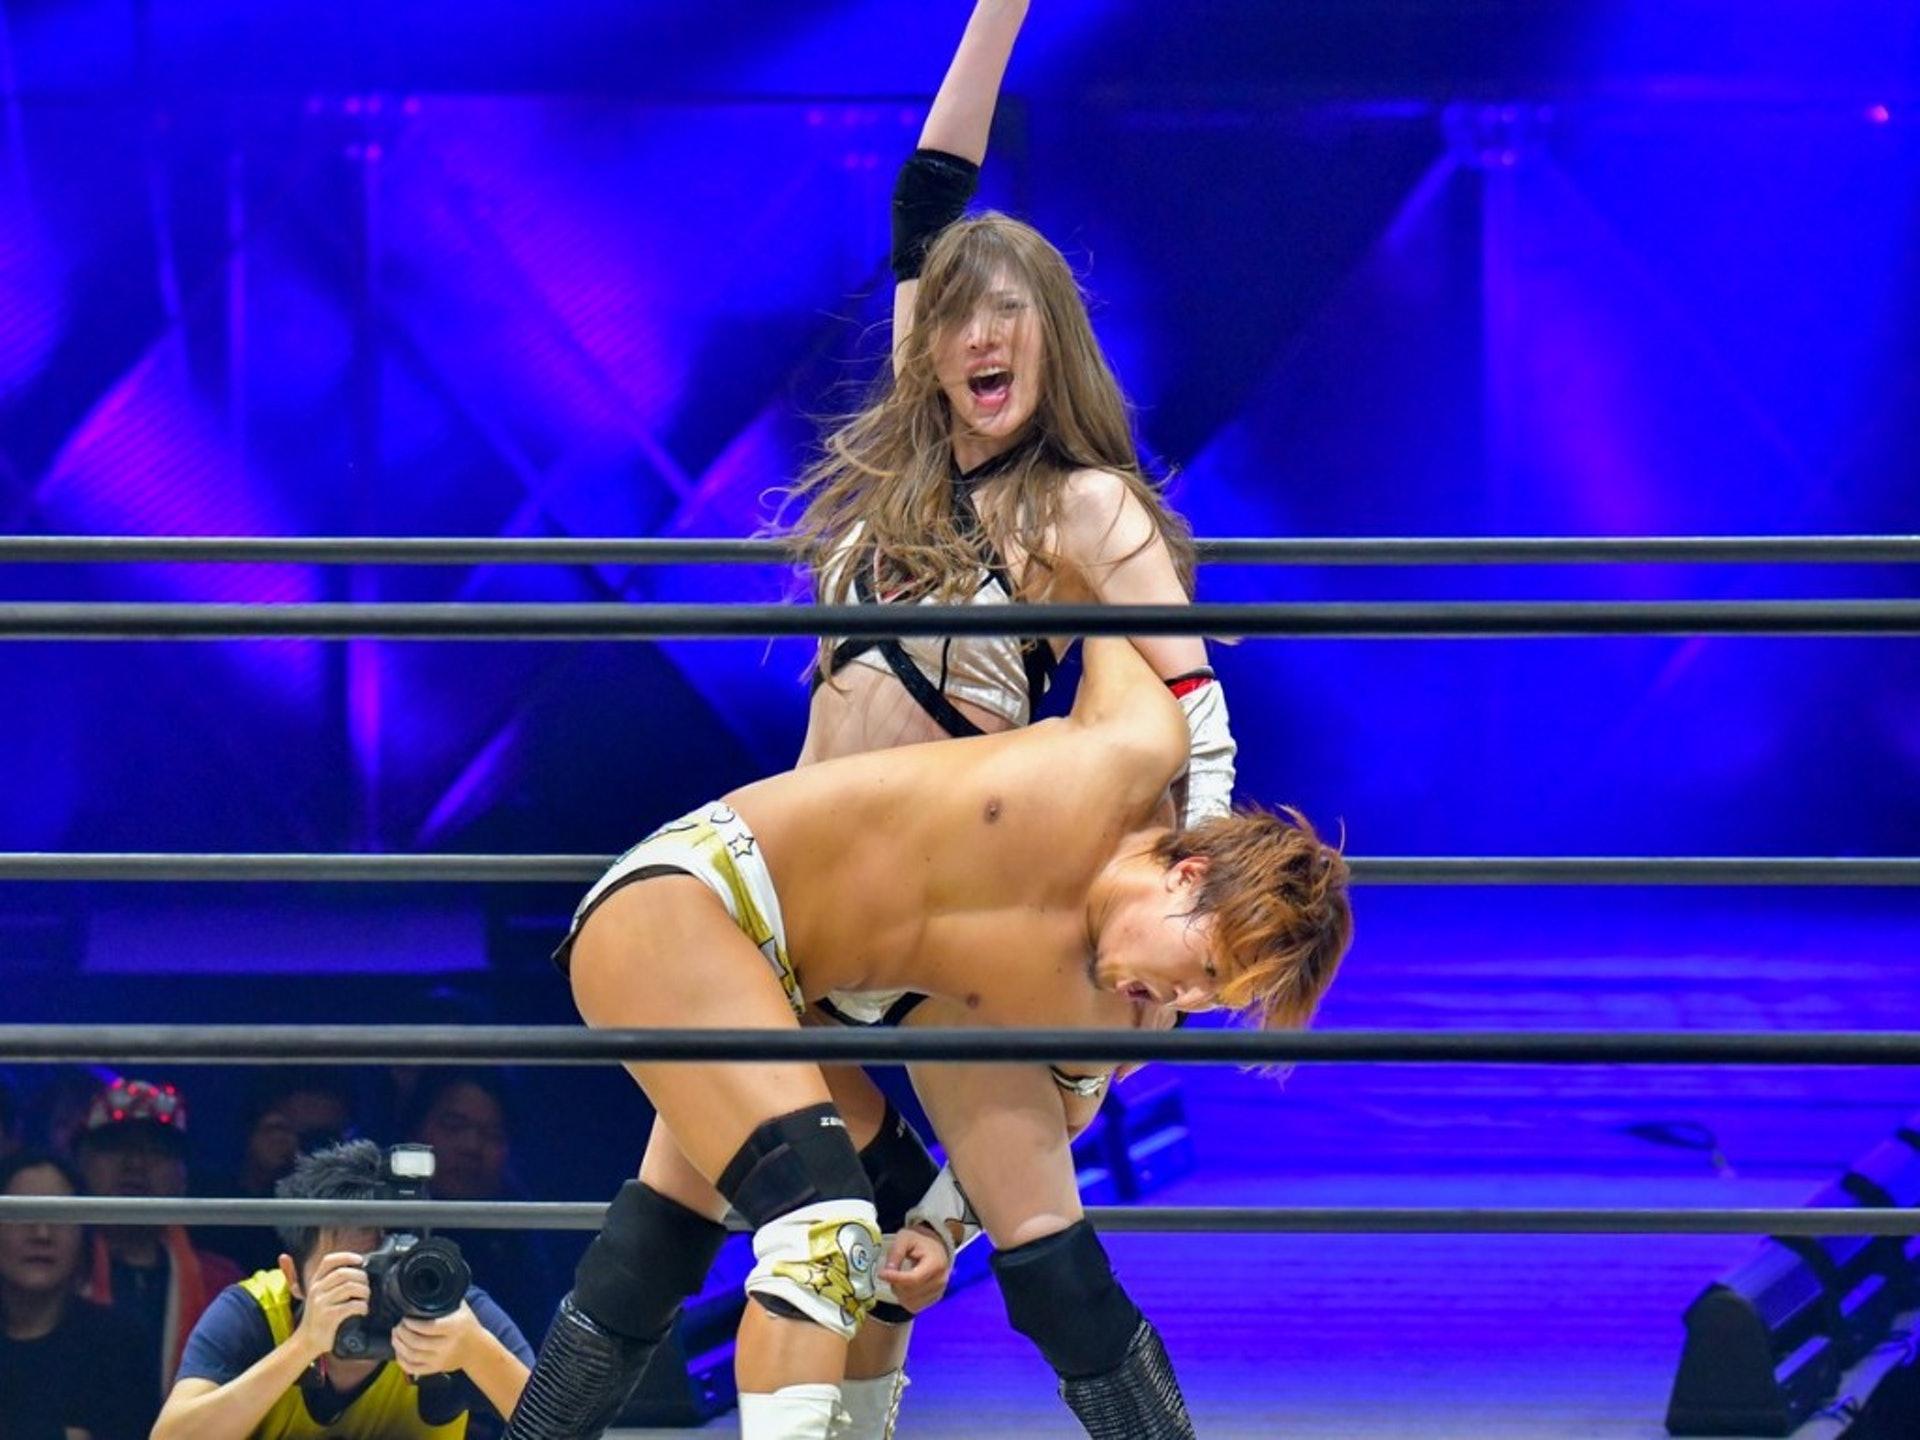 赤井沙希打敗男對手平田一喜,順利拿下冠軍腰帶。(圖/twitter @SakiAkai )